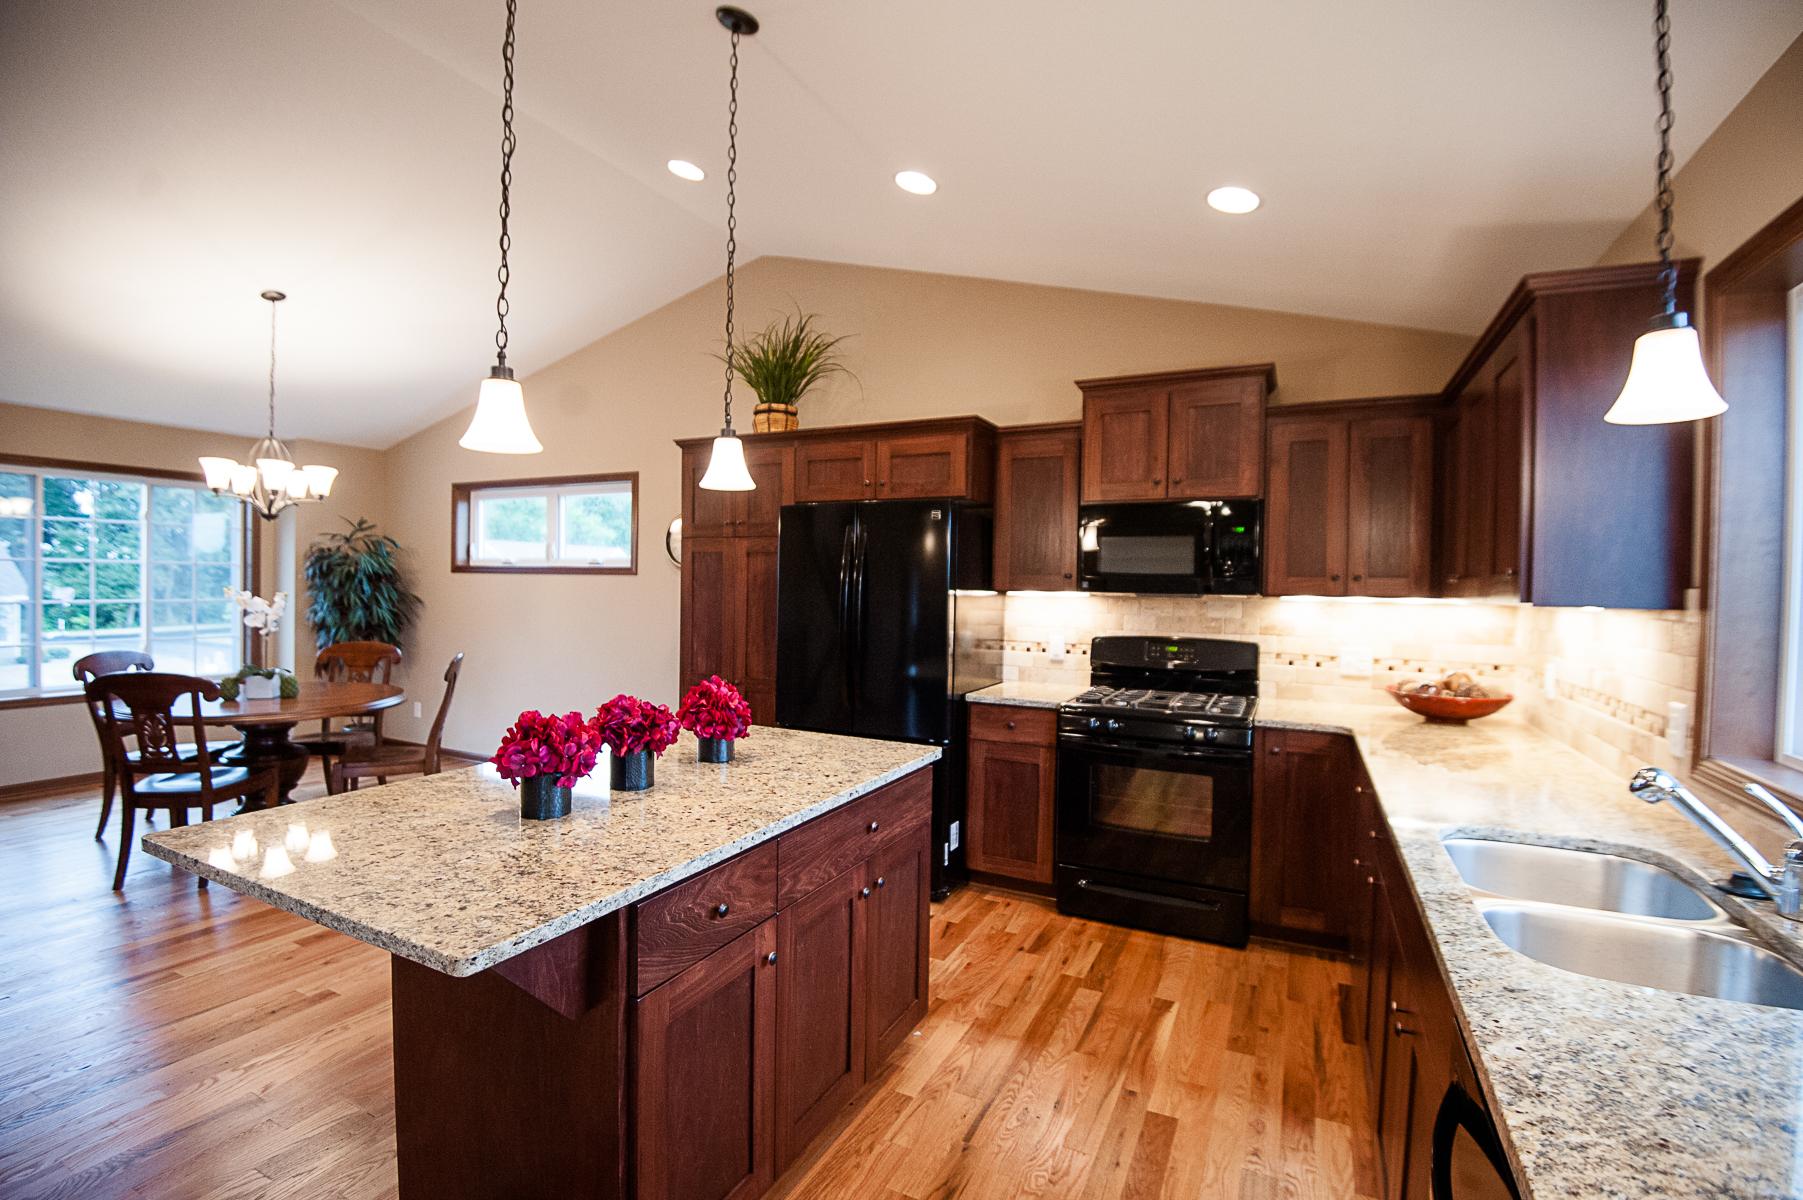 Hanson house kitchen-4x6-8421.jpg